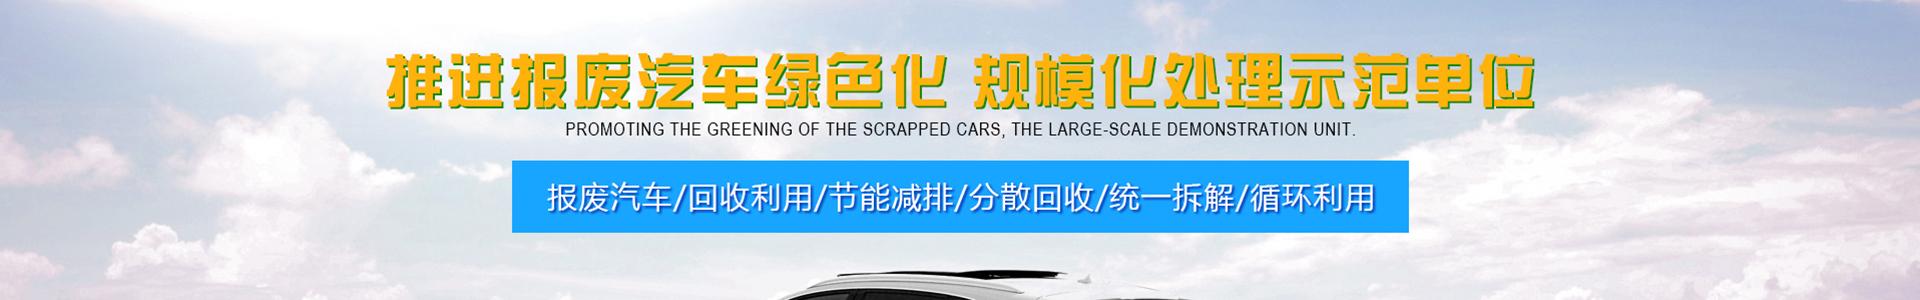 重庆市嘉华报废汽车回收有限公司